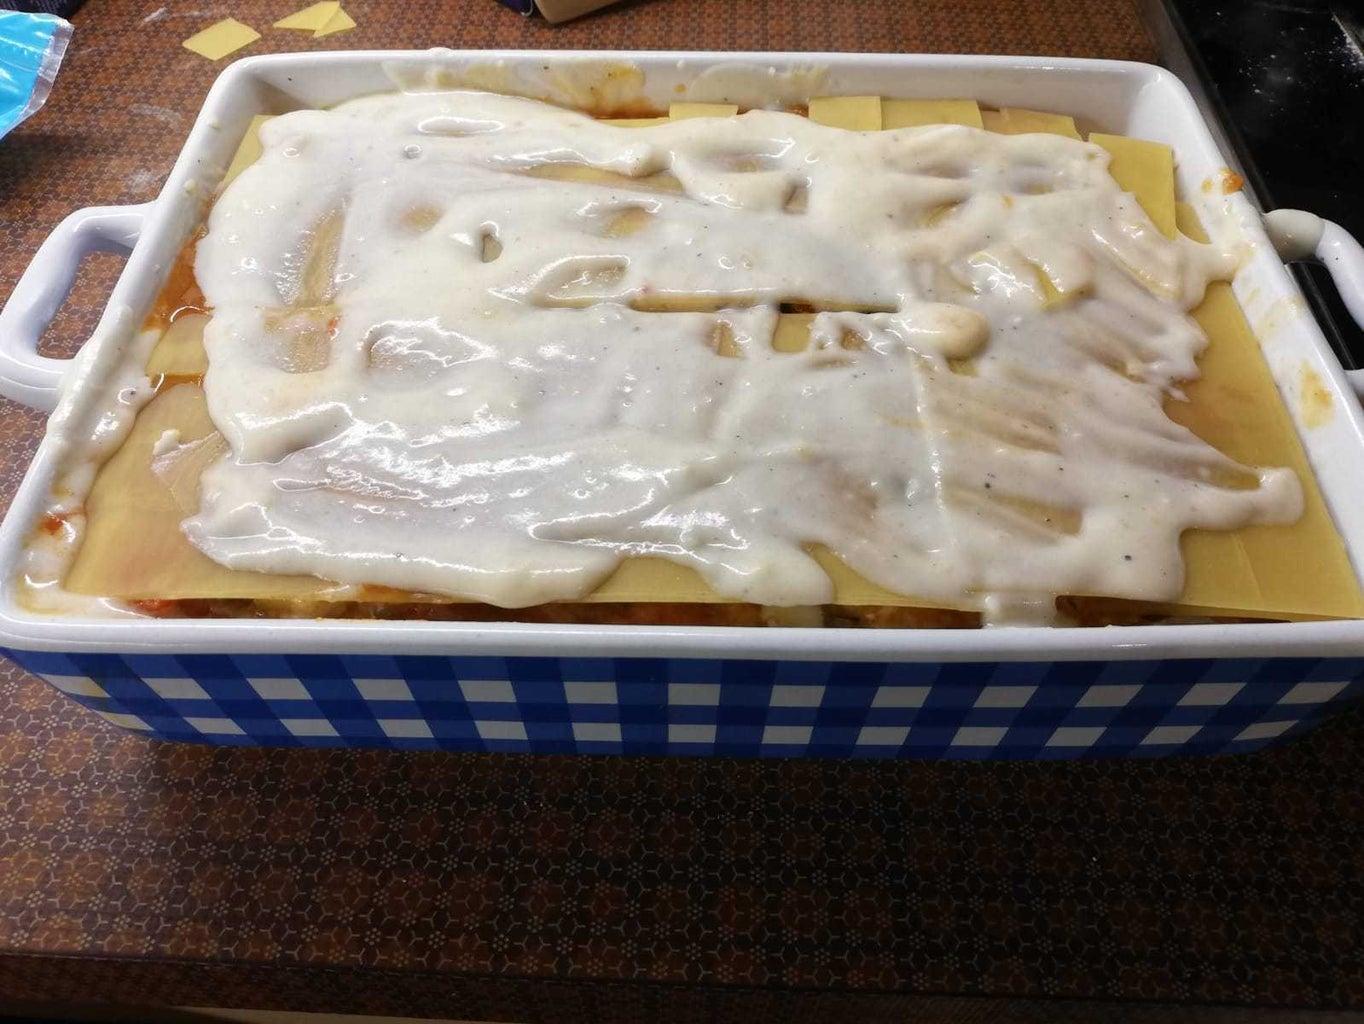 Finishing the Lasagna